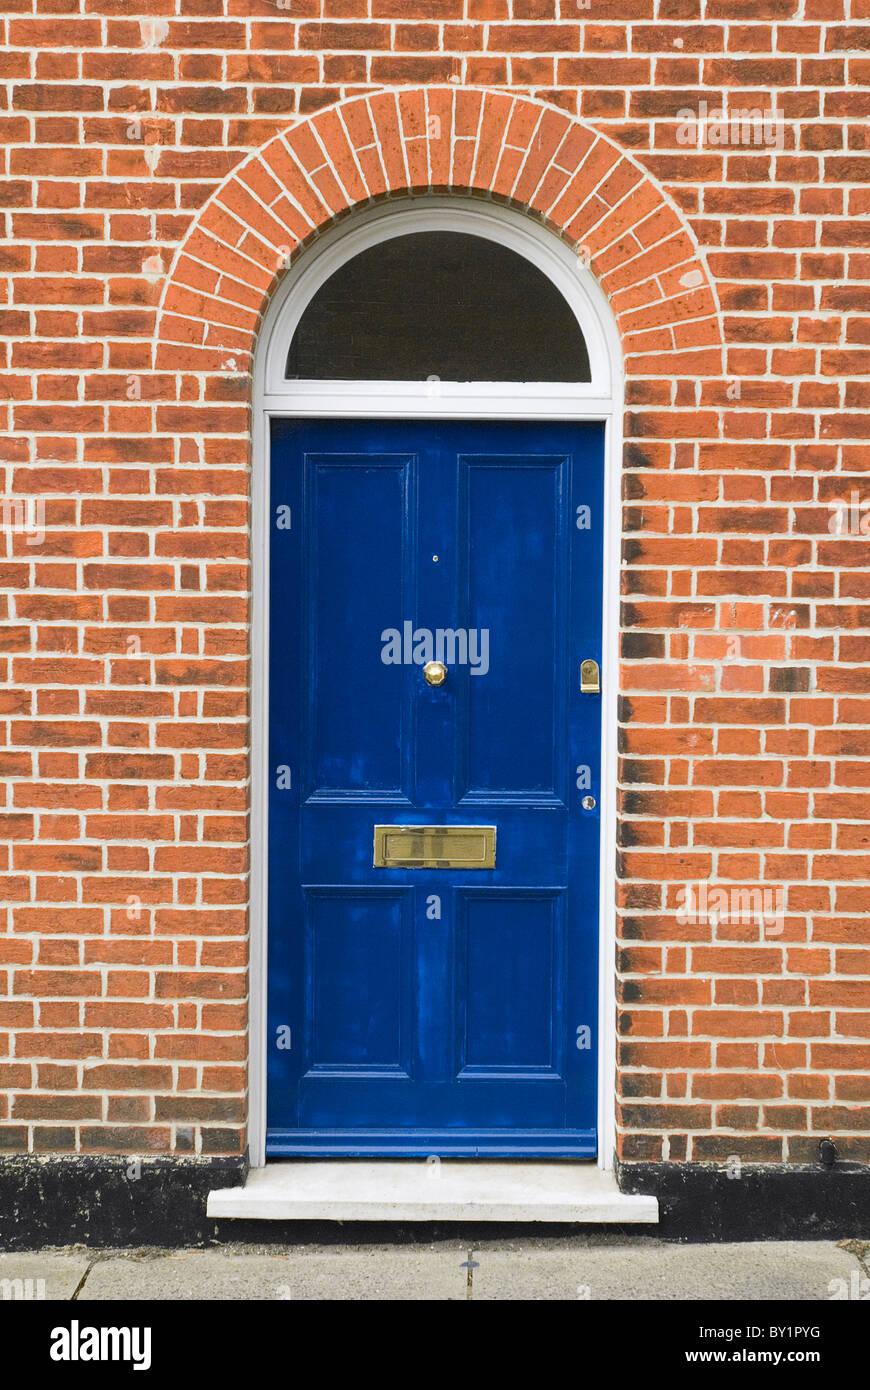 Front door set in new brickwork - Stock Image